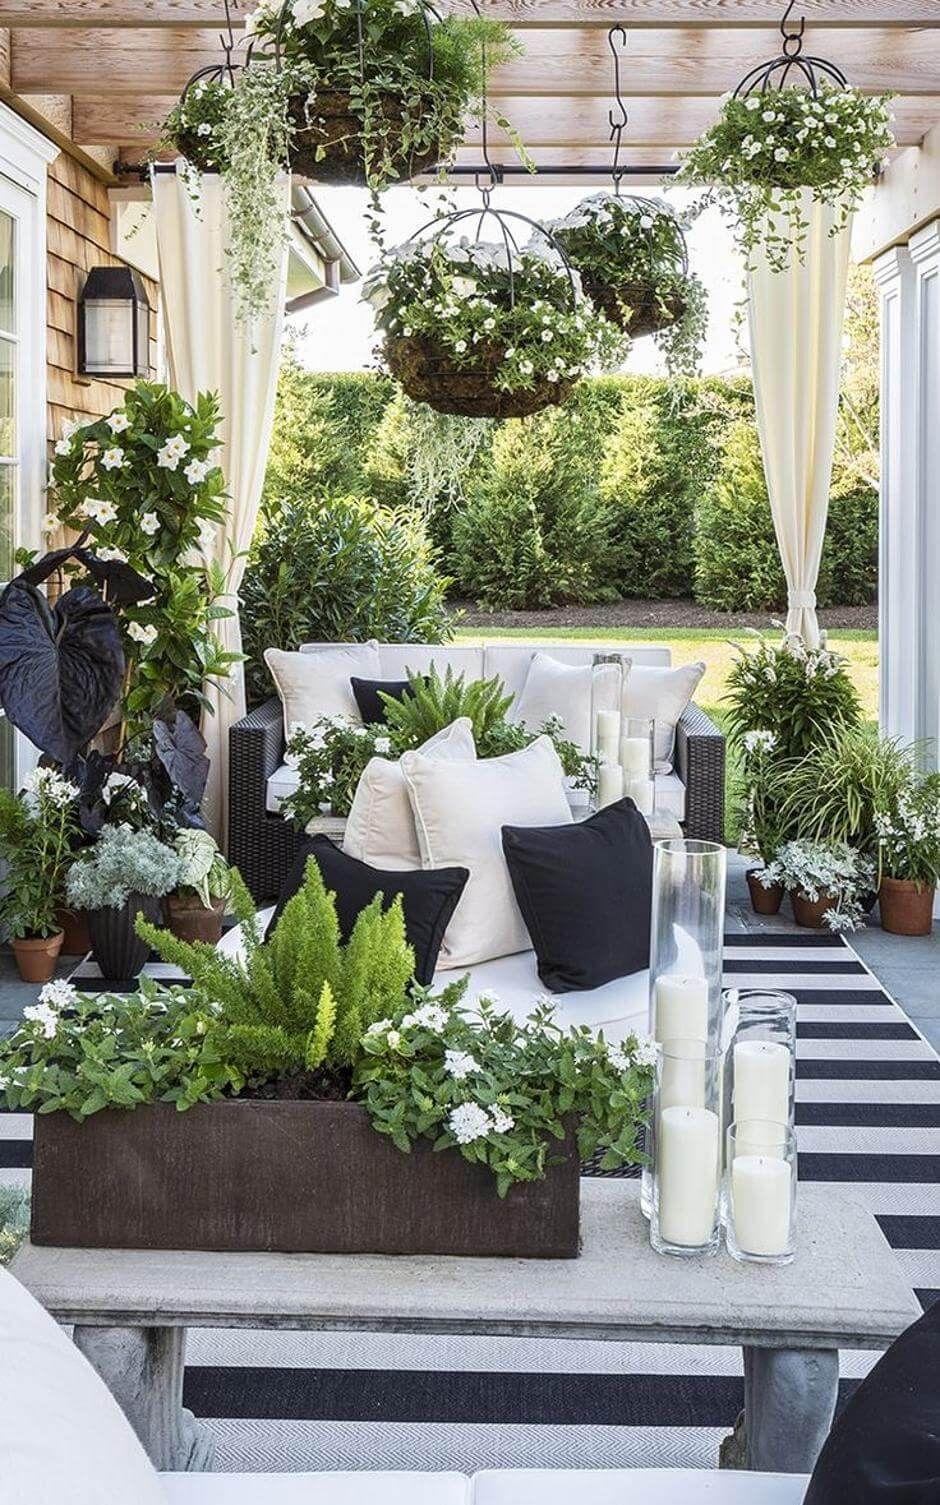 31 idées élégantes de rideaux extérieurs pour rafraîchir votre environnement extérieur